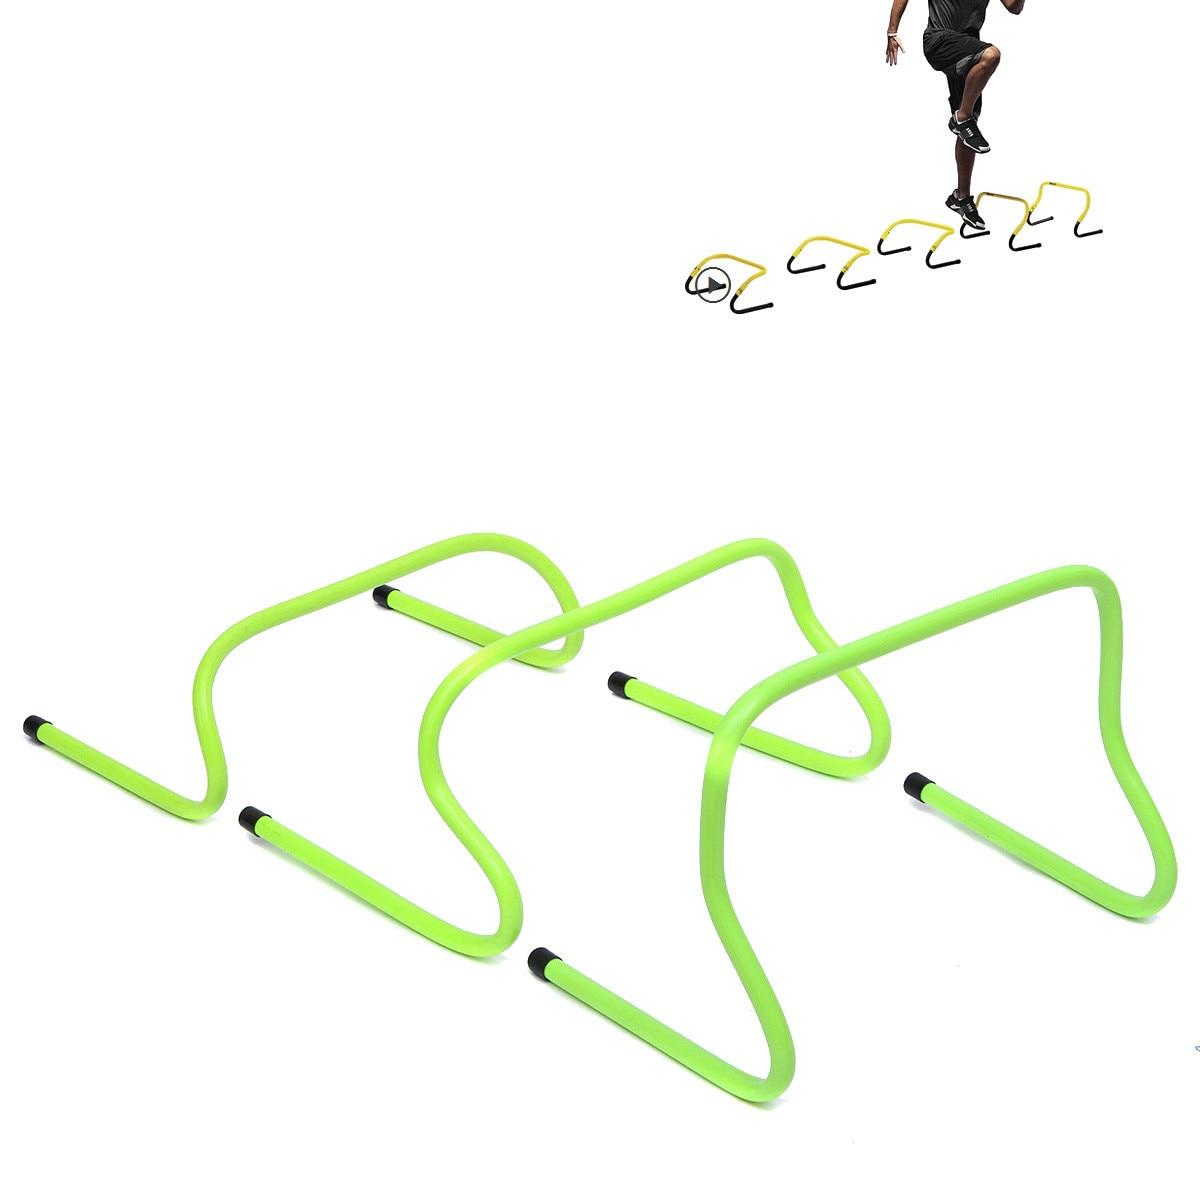 1pcs Soccer Agility Ladder Soccer Hurdle Football Traning Barrier Frame For Soccer Speed Training Equipment